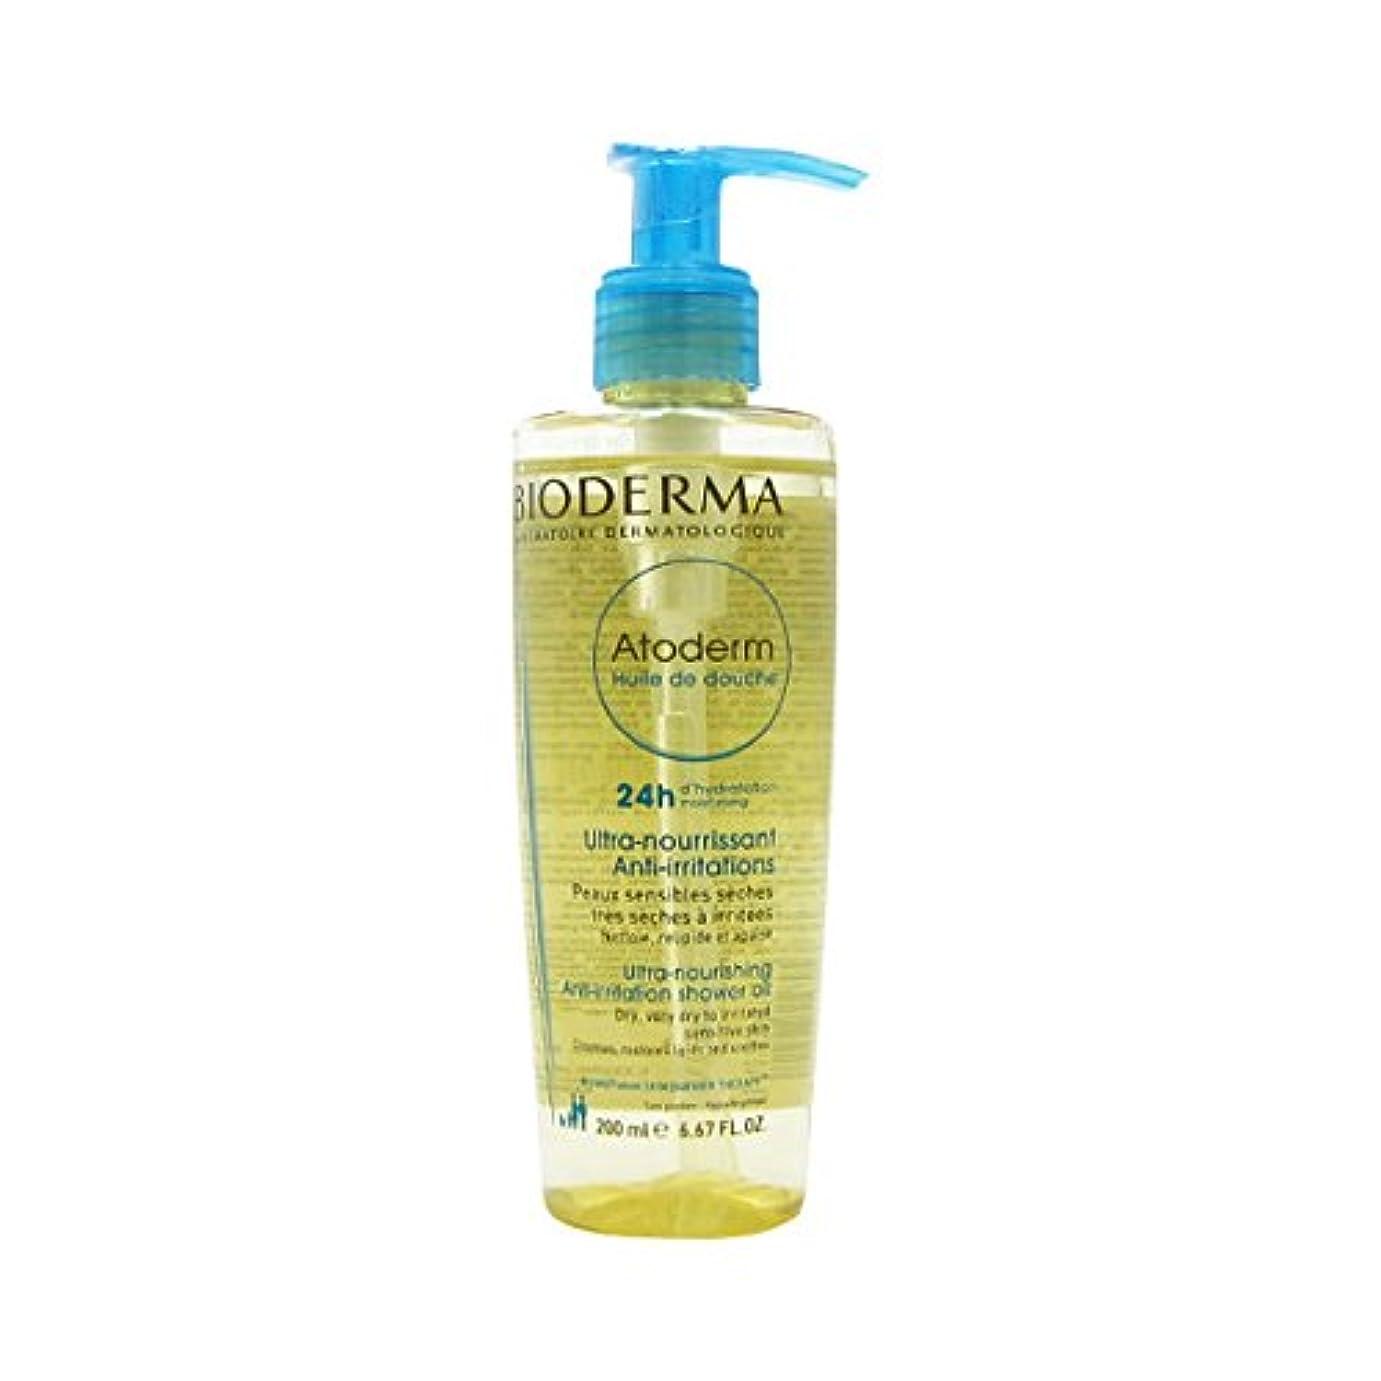 補償二十神のBioderma - Atoderm Huile de Douche Ultra-Nourishing Anti-Irritation Shower Oil (200 ml) [並行輸入品]